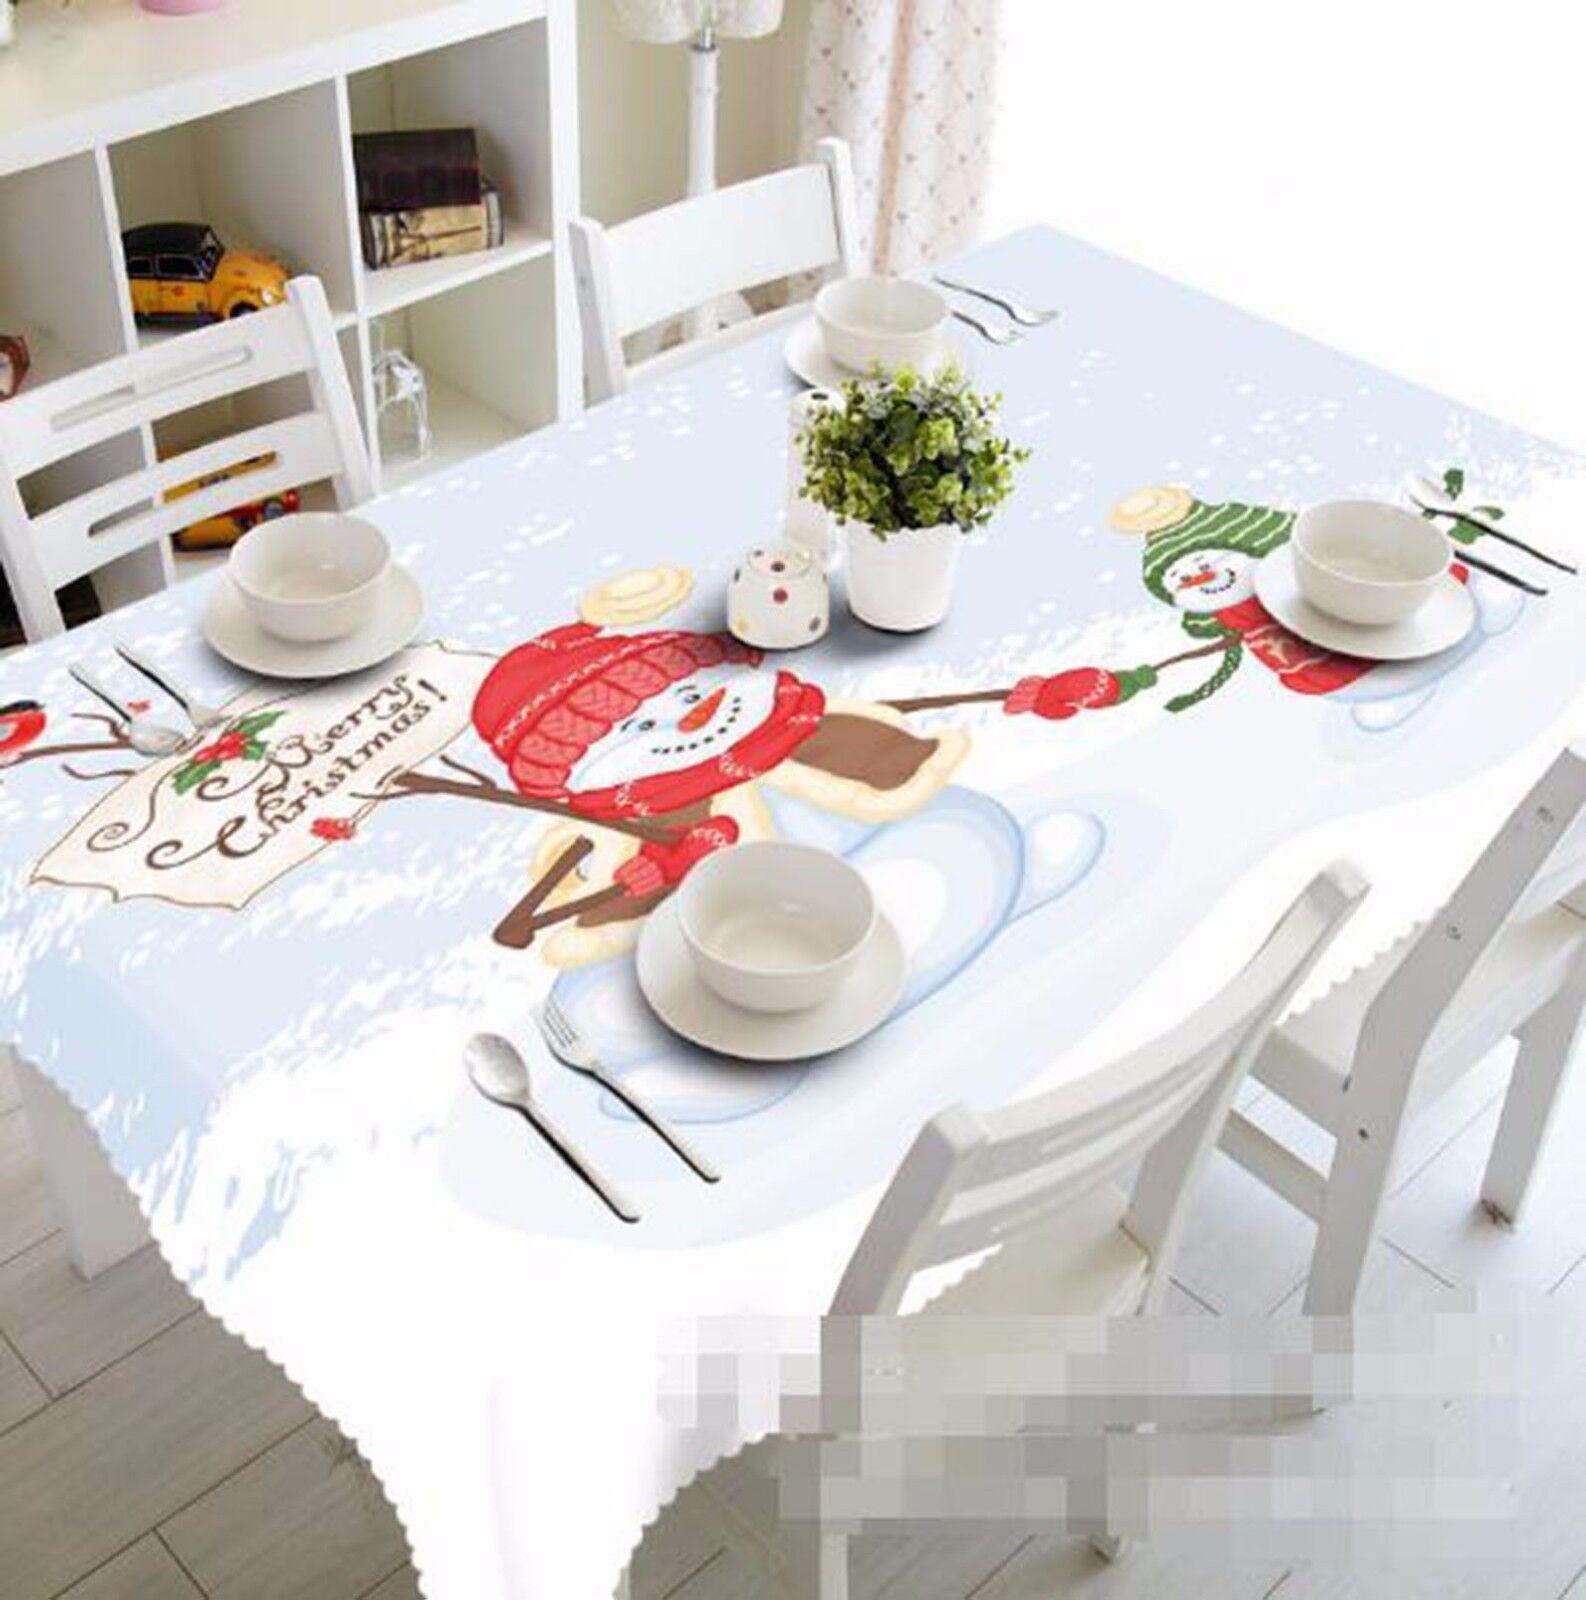 3D Bonhomme de neige 41 Nappe Table Cover Cloth fête d'anniversaire AJ papier peint Royaume-Uni Citron